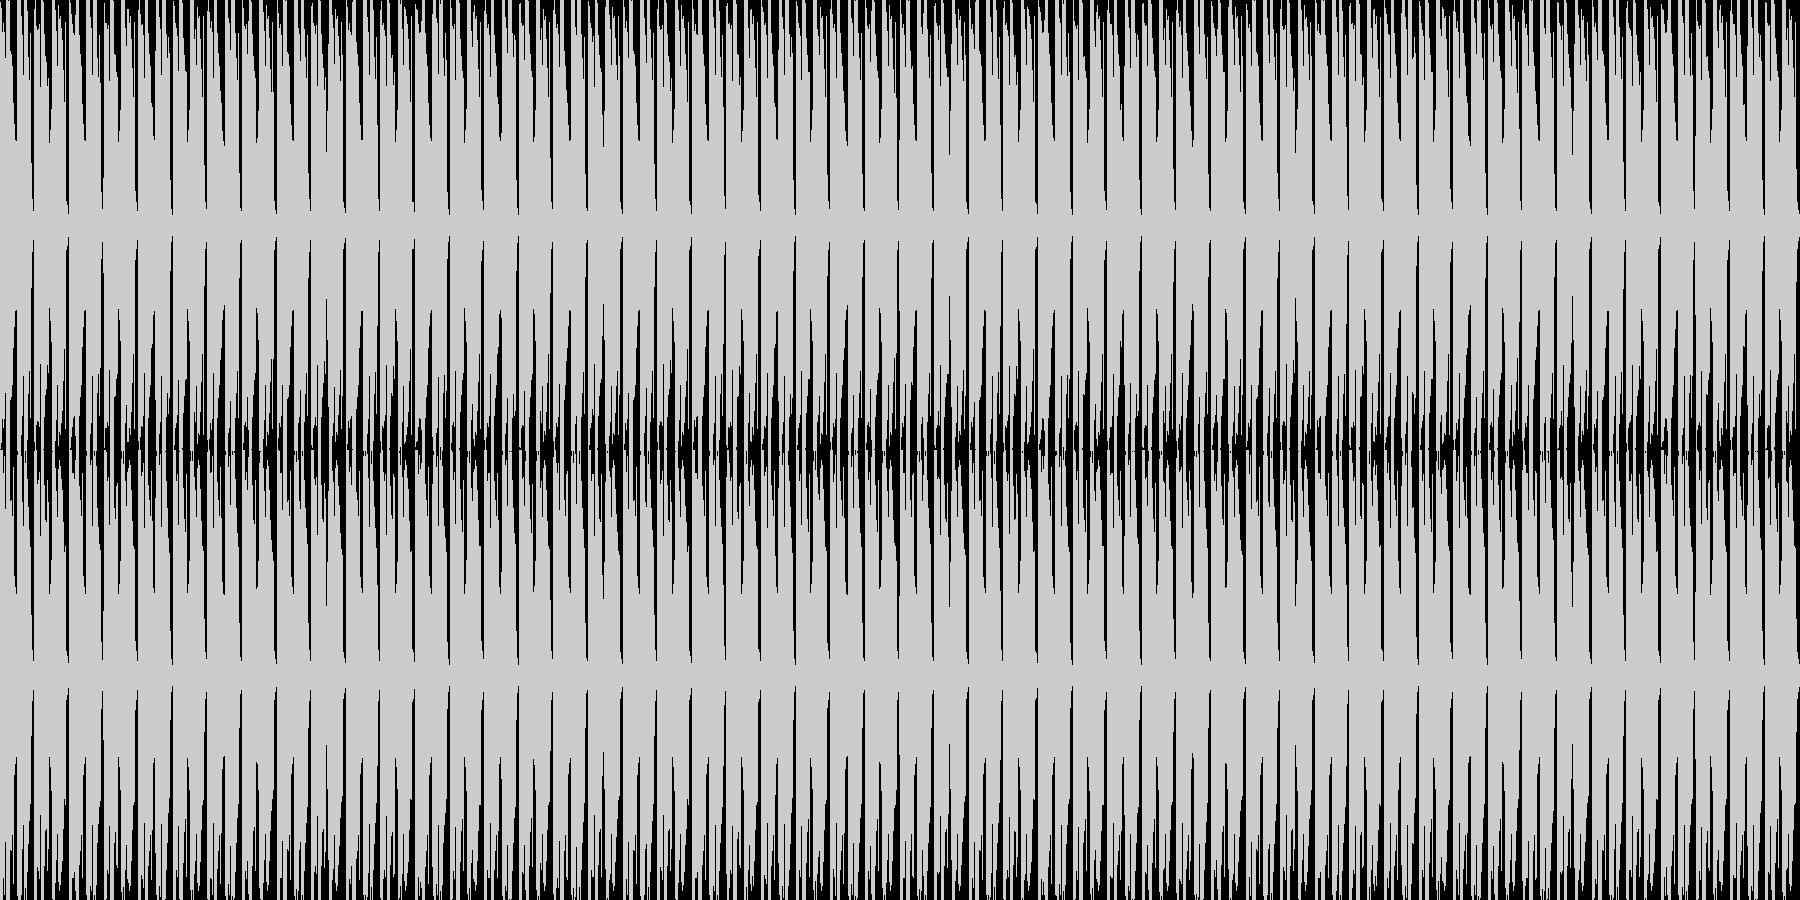 軽快なピアノと力強いドラムの未再生の波形